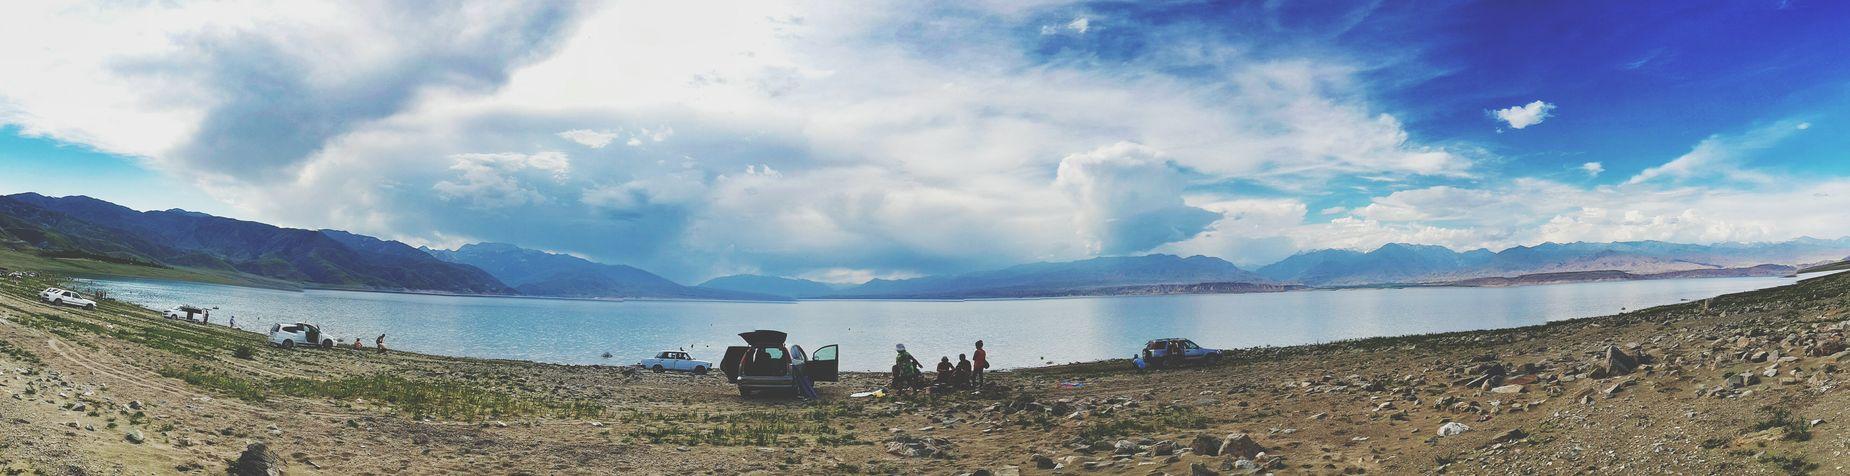 @emanumberone Kyrgyzstan Karakul' Lifeisgood Mylife Friends